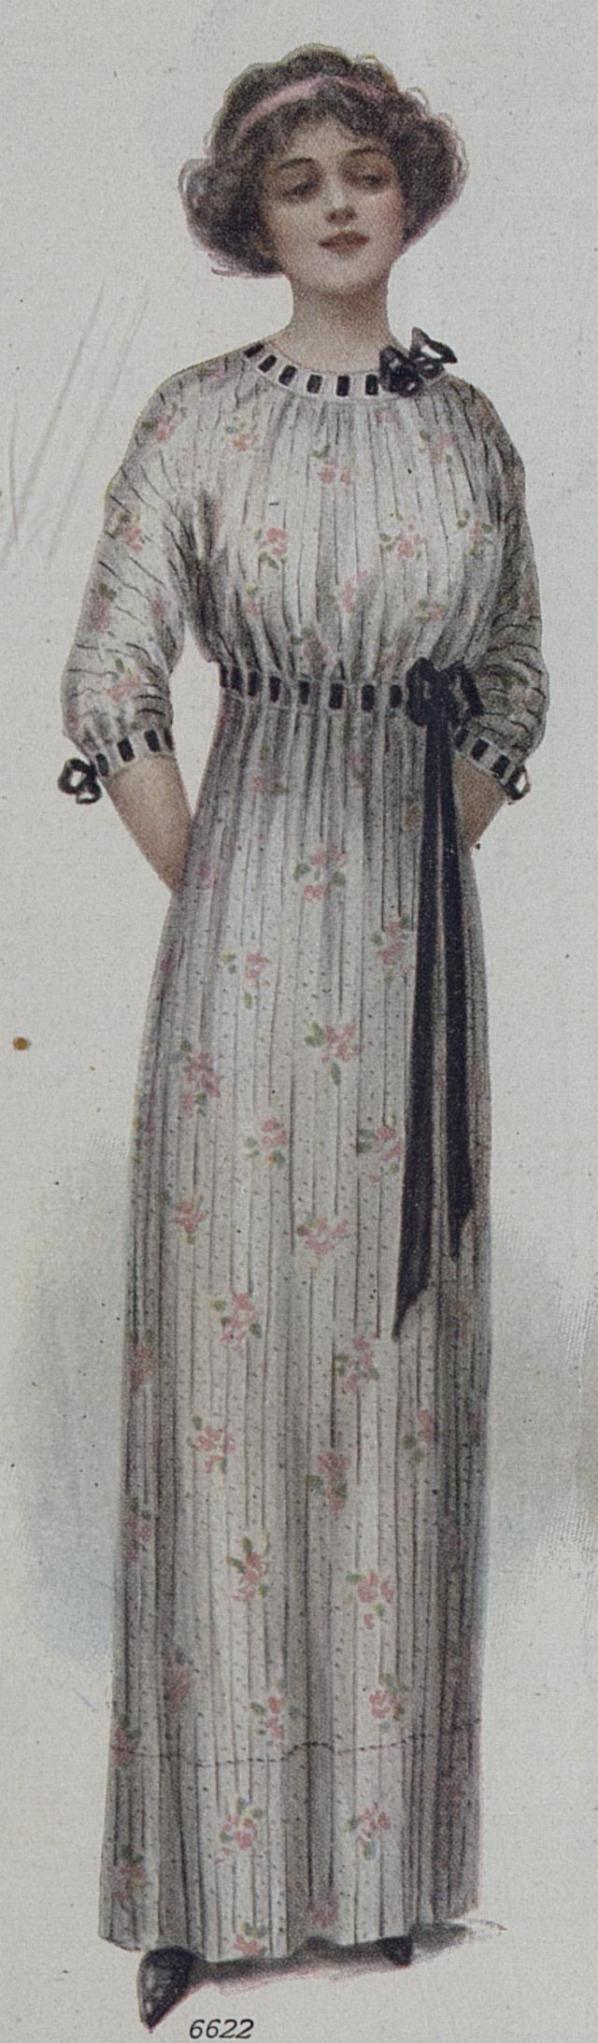 1912 dress